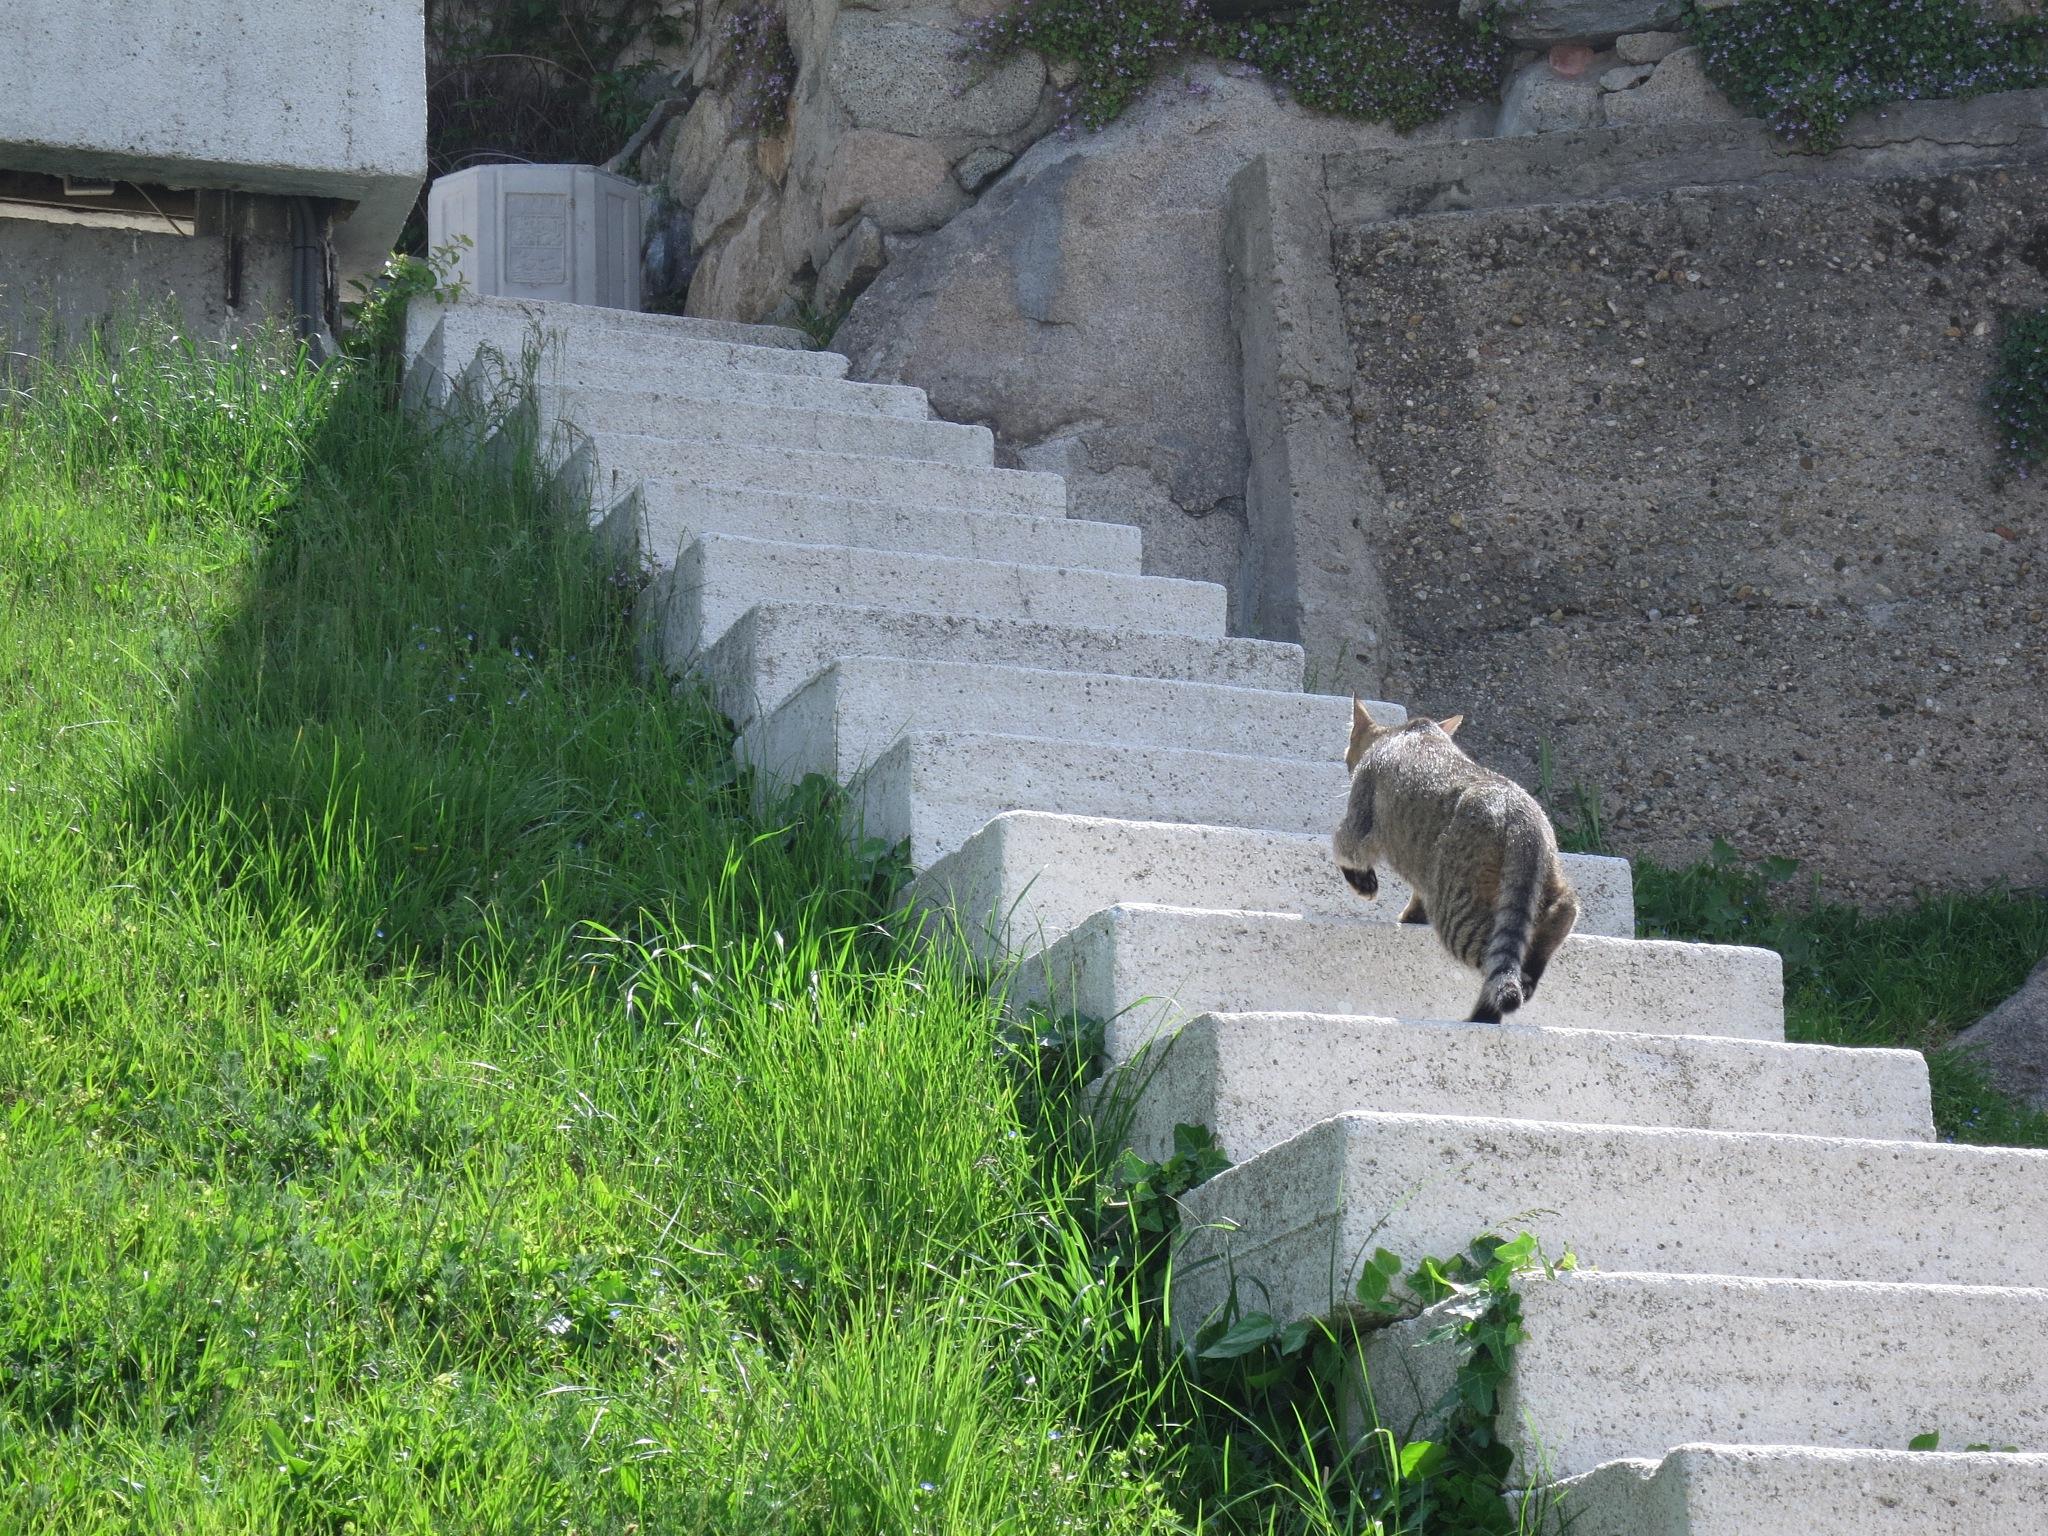 Cat Climbing Steps by GraemeLeePollard